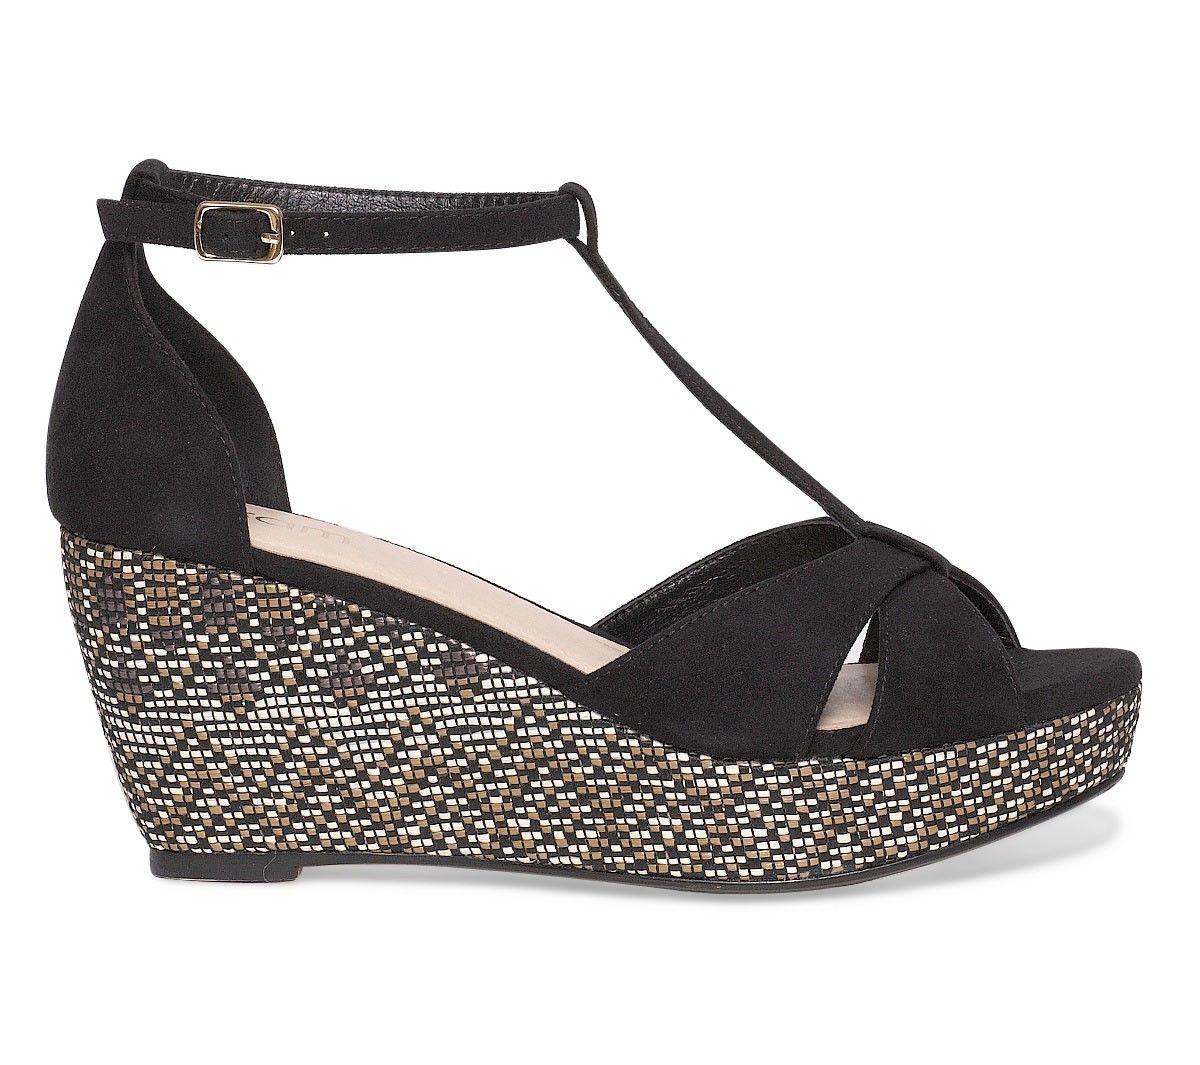 Sandales Chaussures Compensée Ethnique Sandale Talon Noire Femme R5A43Ljq